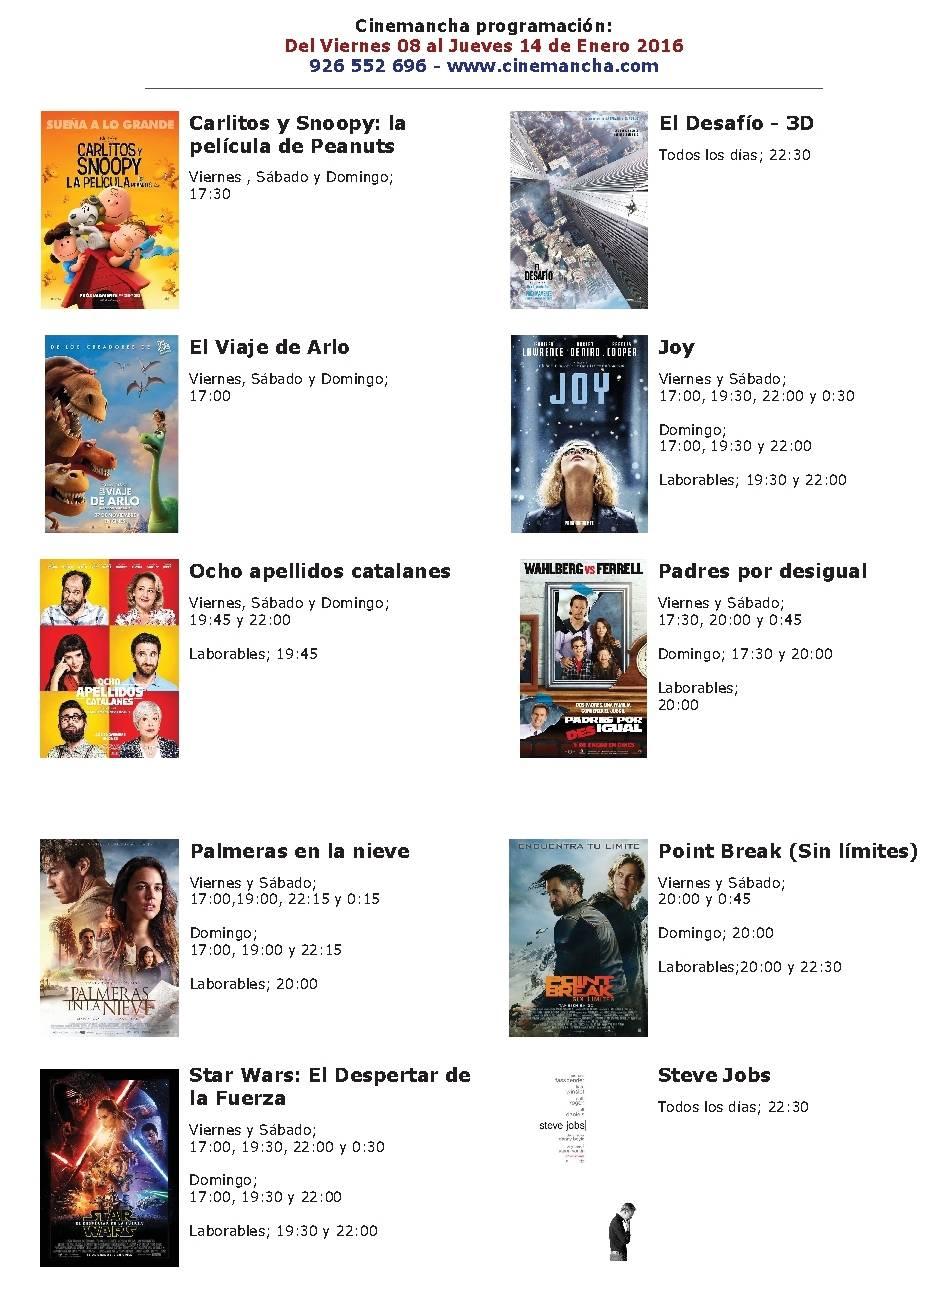 Cartelera de Cinemancha del 8 al 14 de enero 1